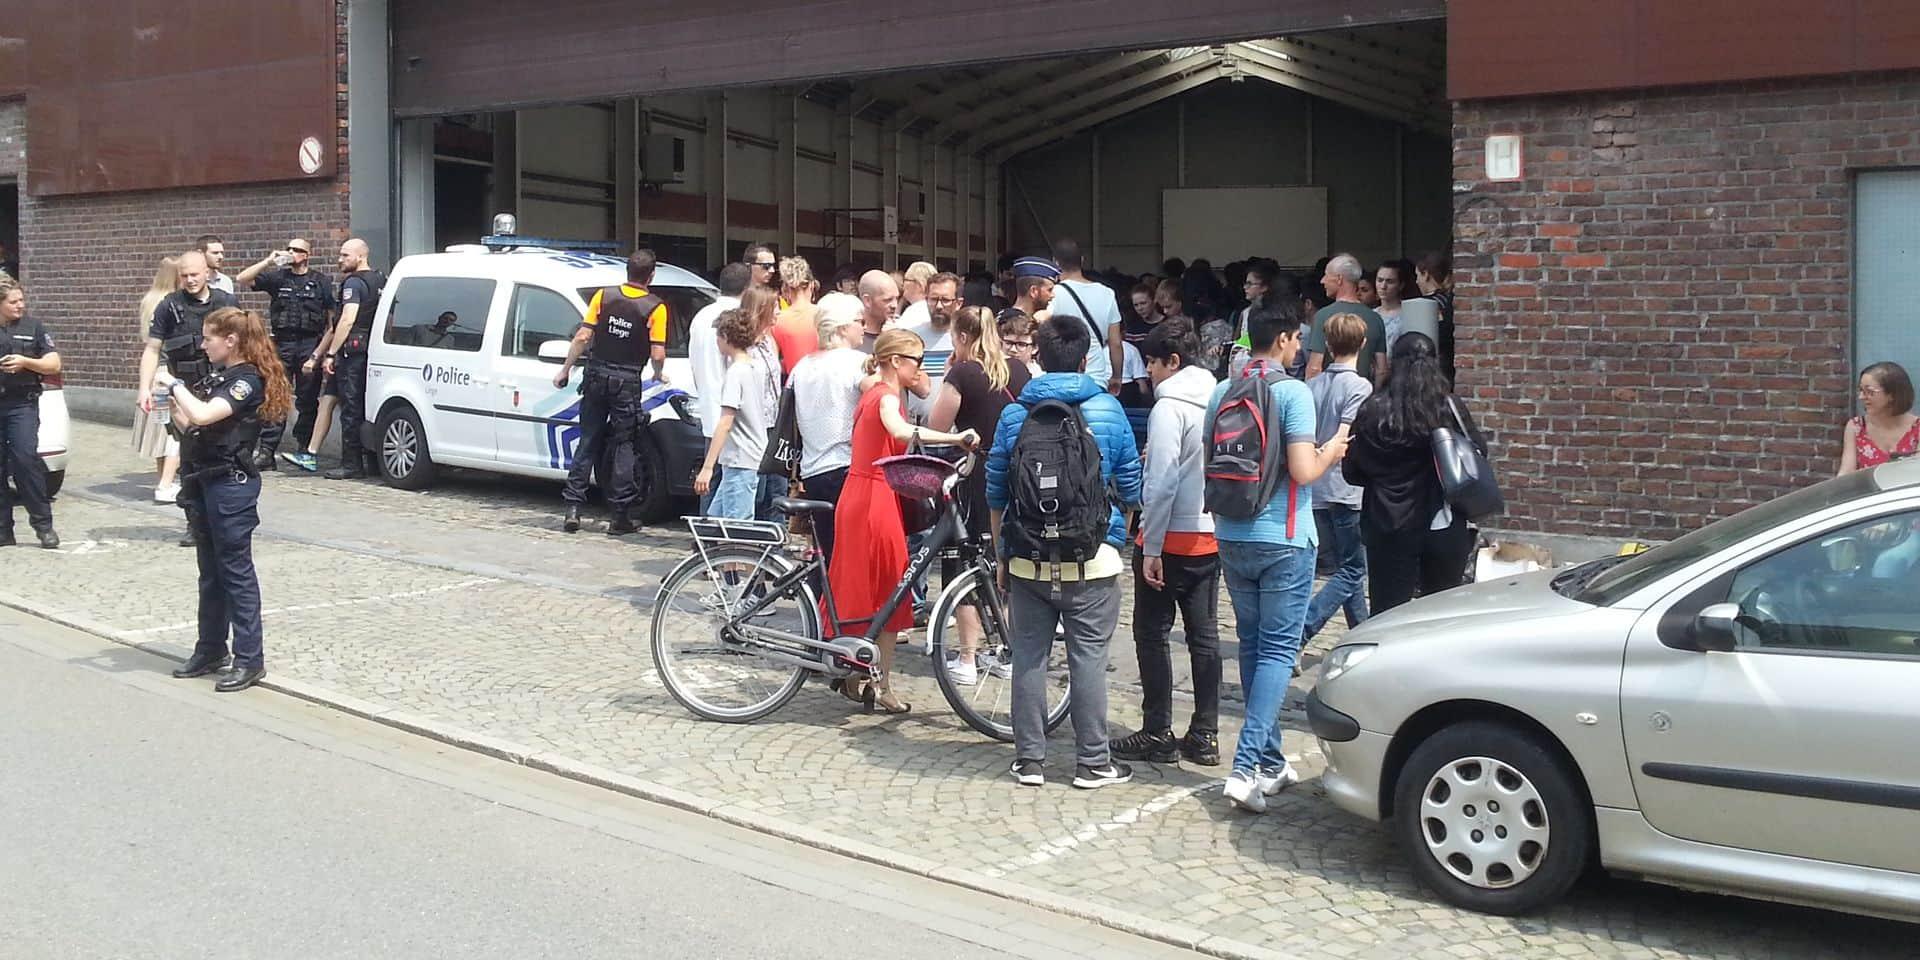 Fusillade et prise d'otage à Liège : Les élèves de l'athénée de Waha et leurs parents témoignent